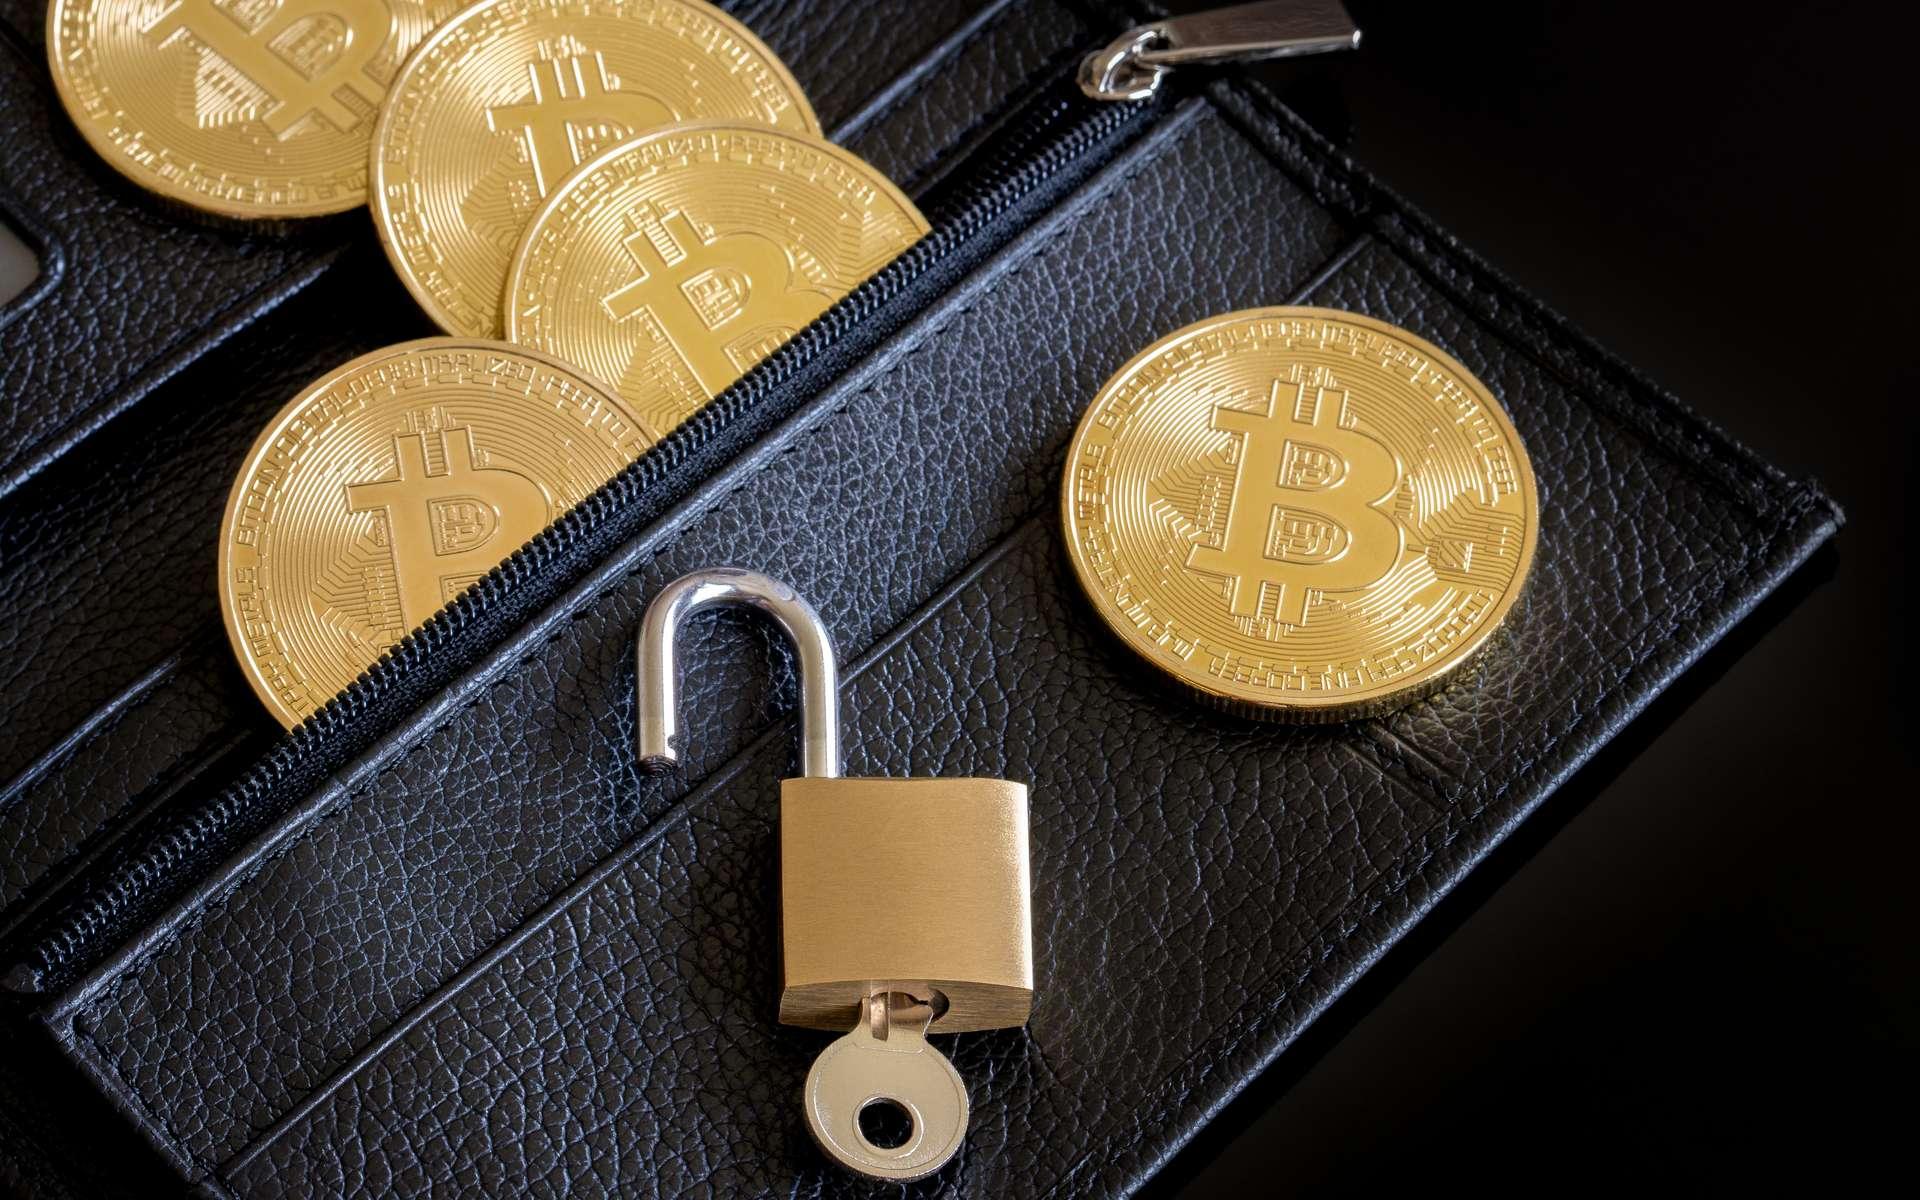 Les cryptomonnaies peuvent être source d'inquiétude pour leurs nombreux détenteurs © Léna Constantin, Adobe Stock